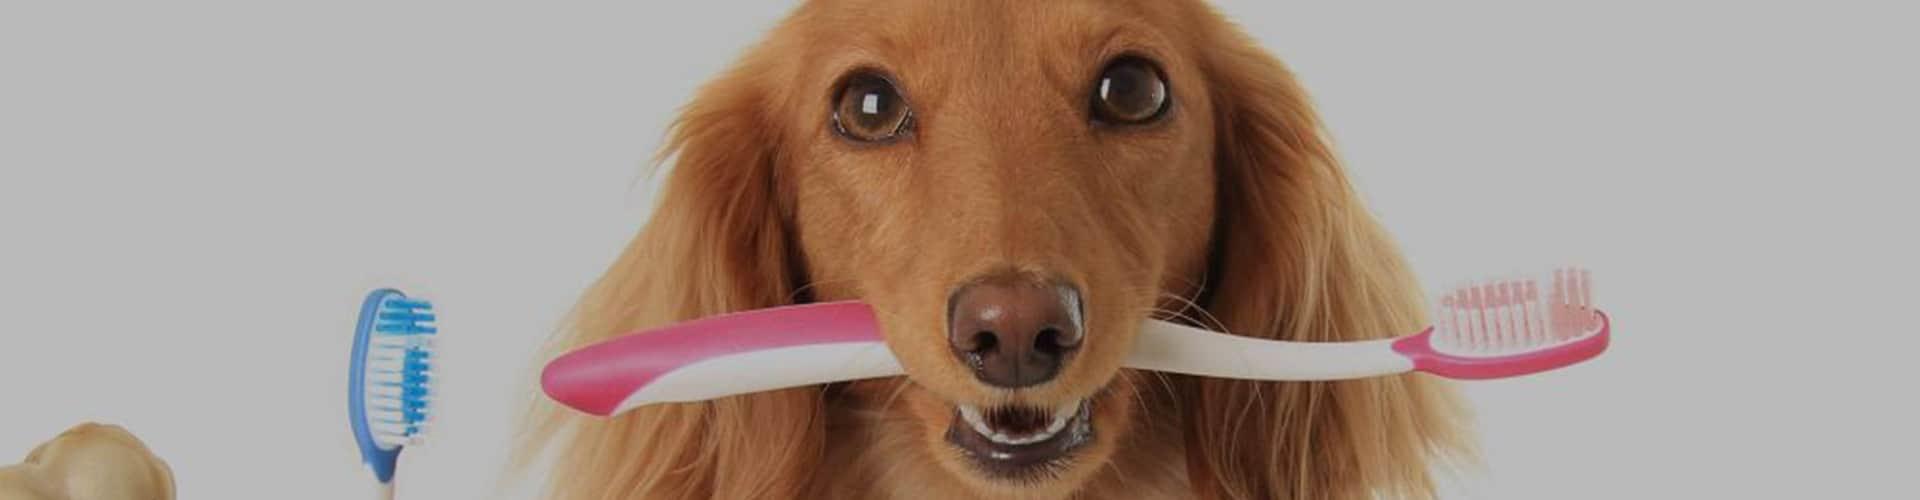 Dog Teeth Brushing Batavia